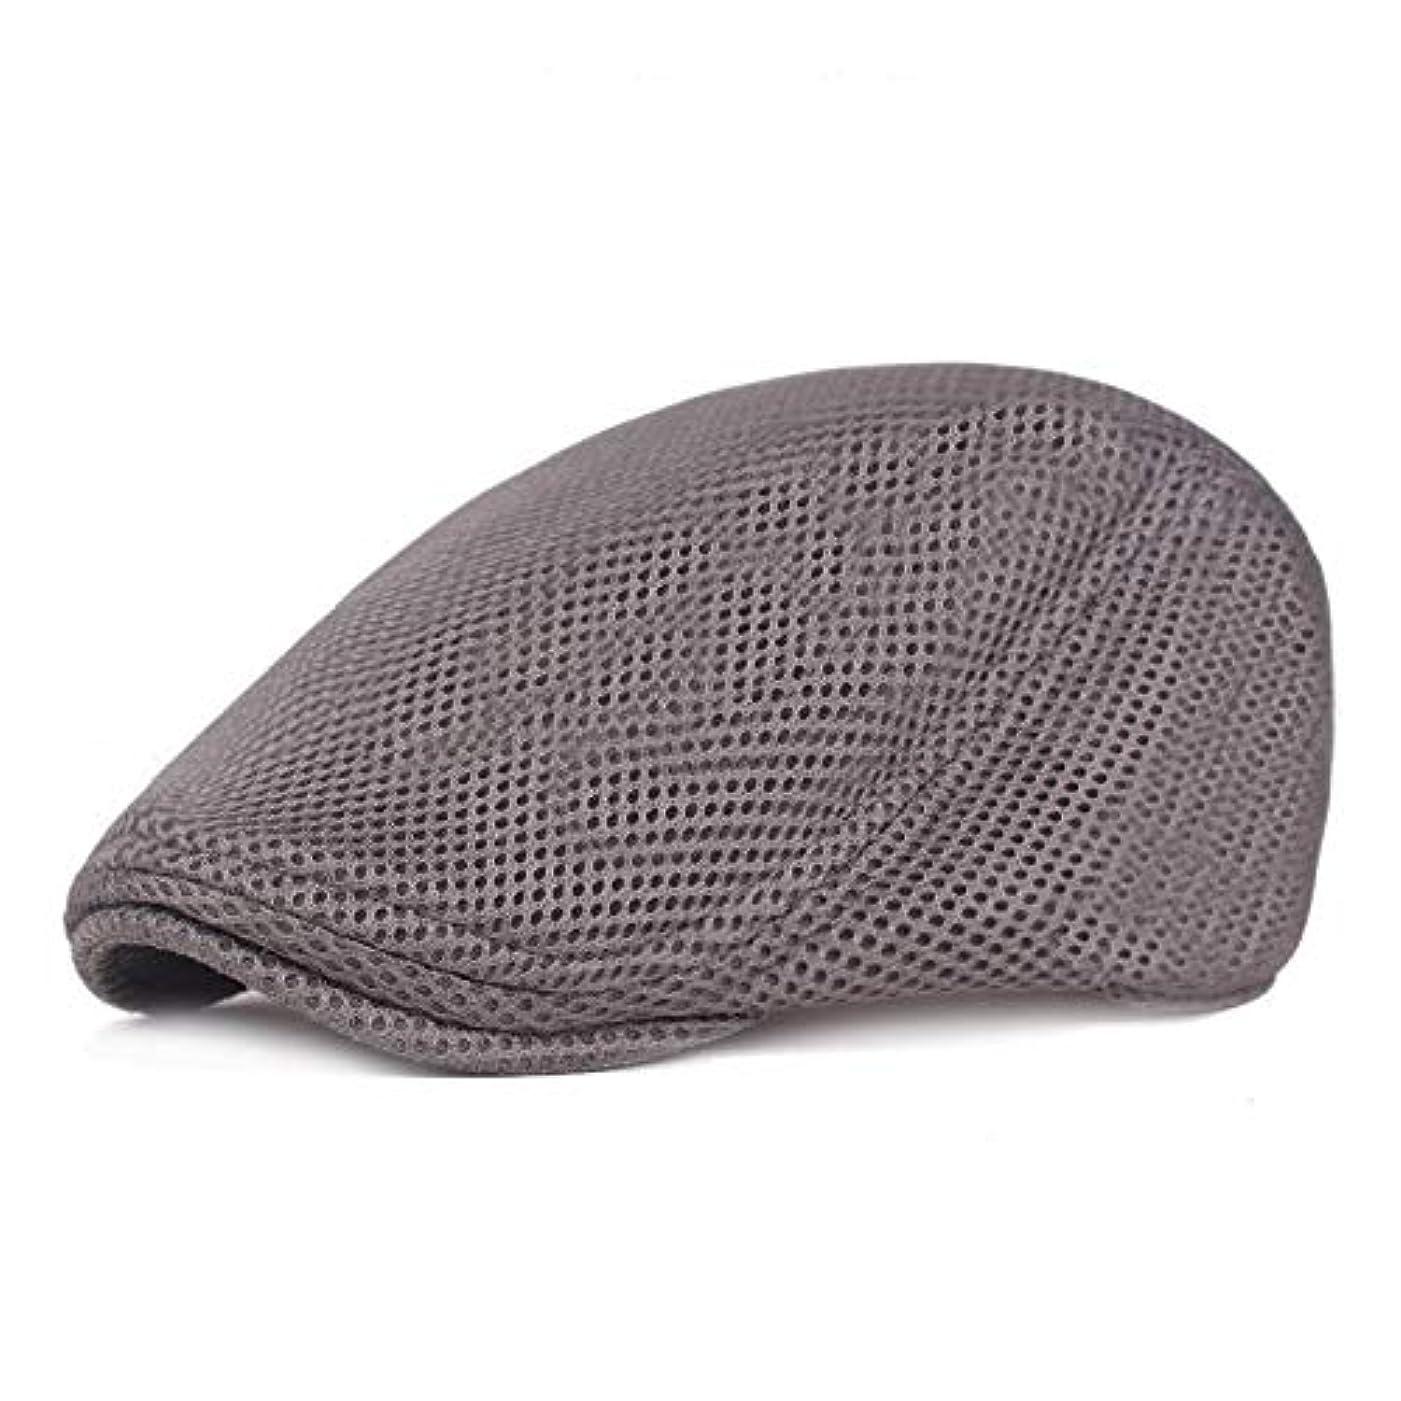 冷酷なストレス反論者メッシュ ハンチング キャップ 夏用 綿 ベレー帽 調整可能ワークキャップ アウトドアキャップ 男女兼用